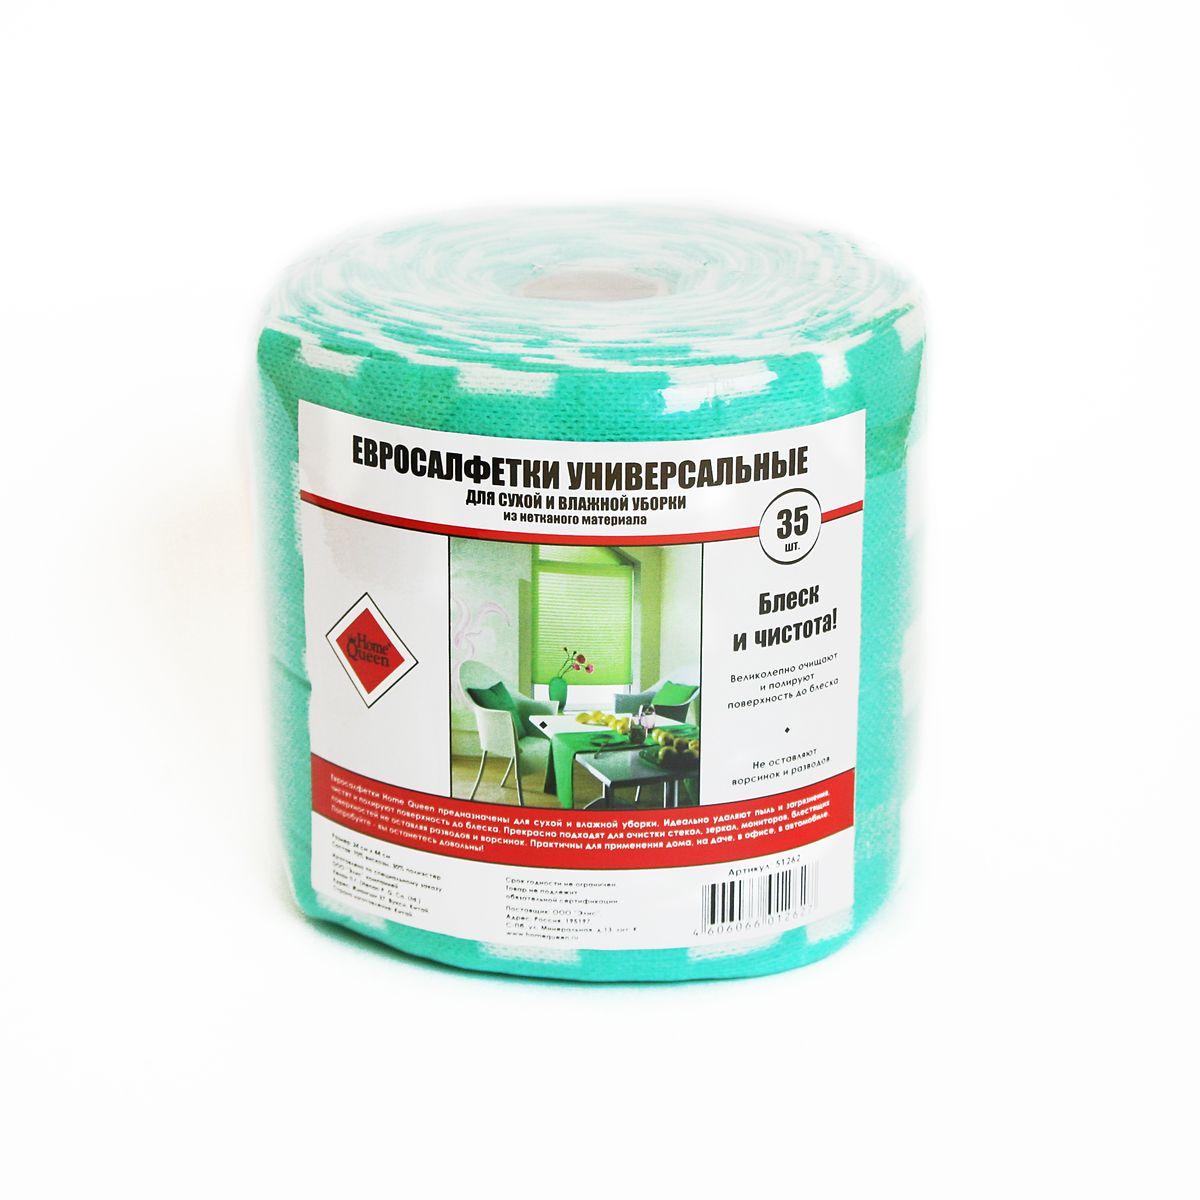 Евросалфетки универсальные Home Queen, в рулоне, цвет: зеленый, 24 см х 44 см, 35 штES-414Евросалфетки Home Queen изготовлены из 70% вискозы и 30% полиэстера ипредназначены для влажной и сухойуборки. Идеально удаляют пыль и загрязнения. Чистят и полируют поверхность доблеска. Салфетки подходят для любых поверхностей, не оставляют разводов иворсинок. Изделия универсальные, практичные дляприменения дома, на даче, в машине и т.д. Салфетки упакованы в рулон и декорированы рисунком в клетку.Размер салфеток: 24 см х 44 см. Комплектация: 35 шт.